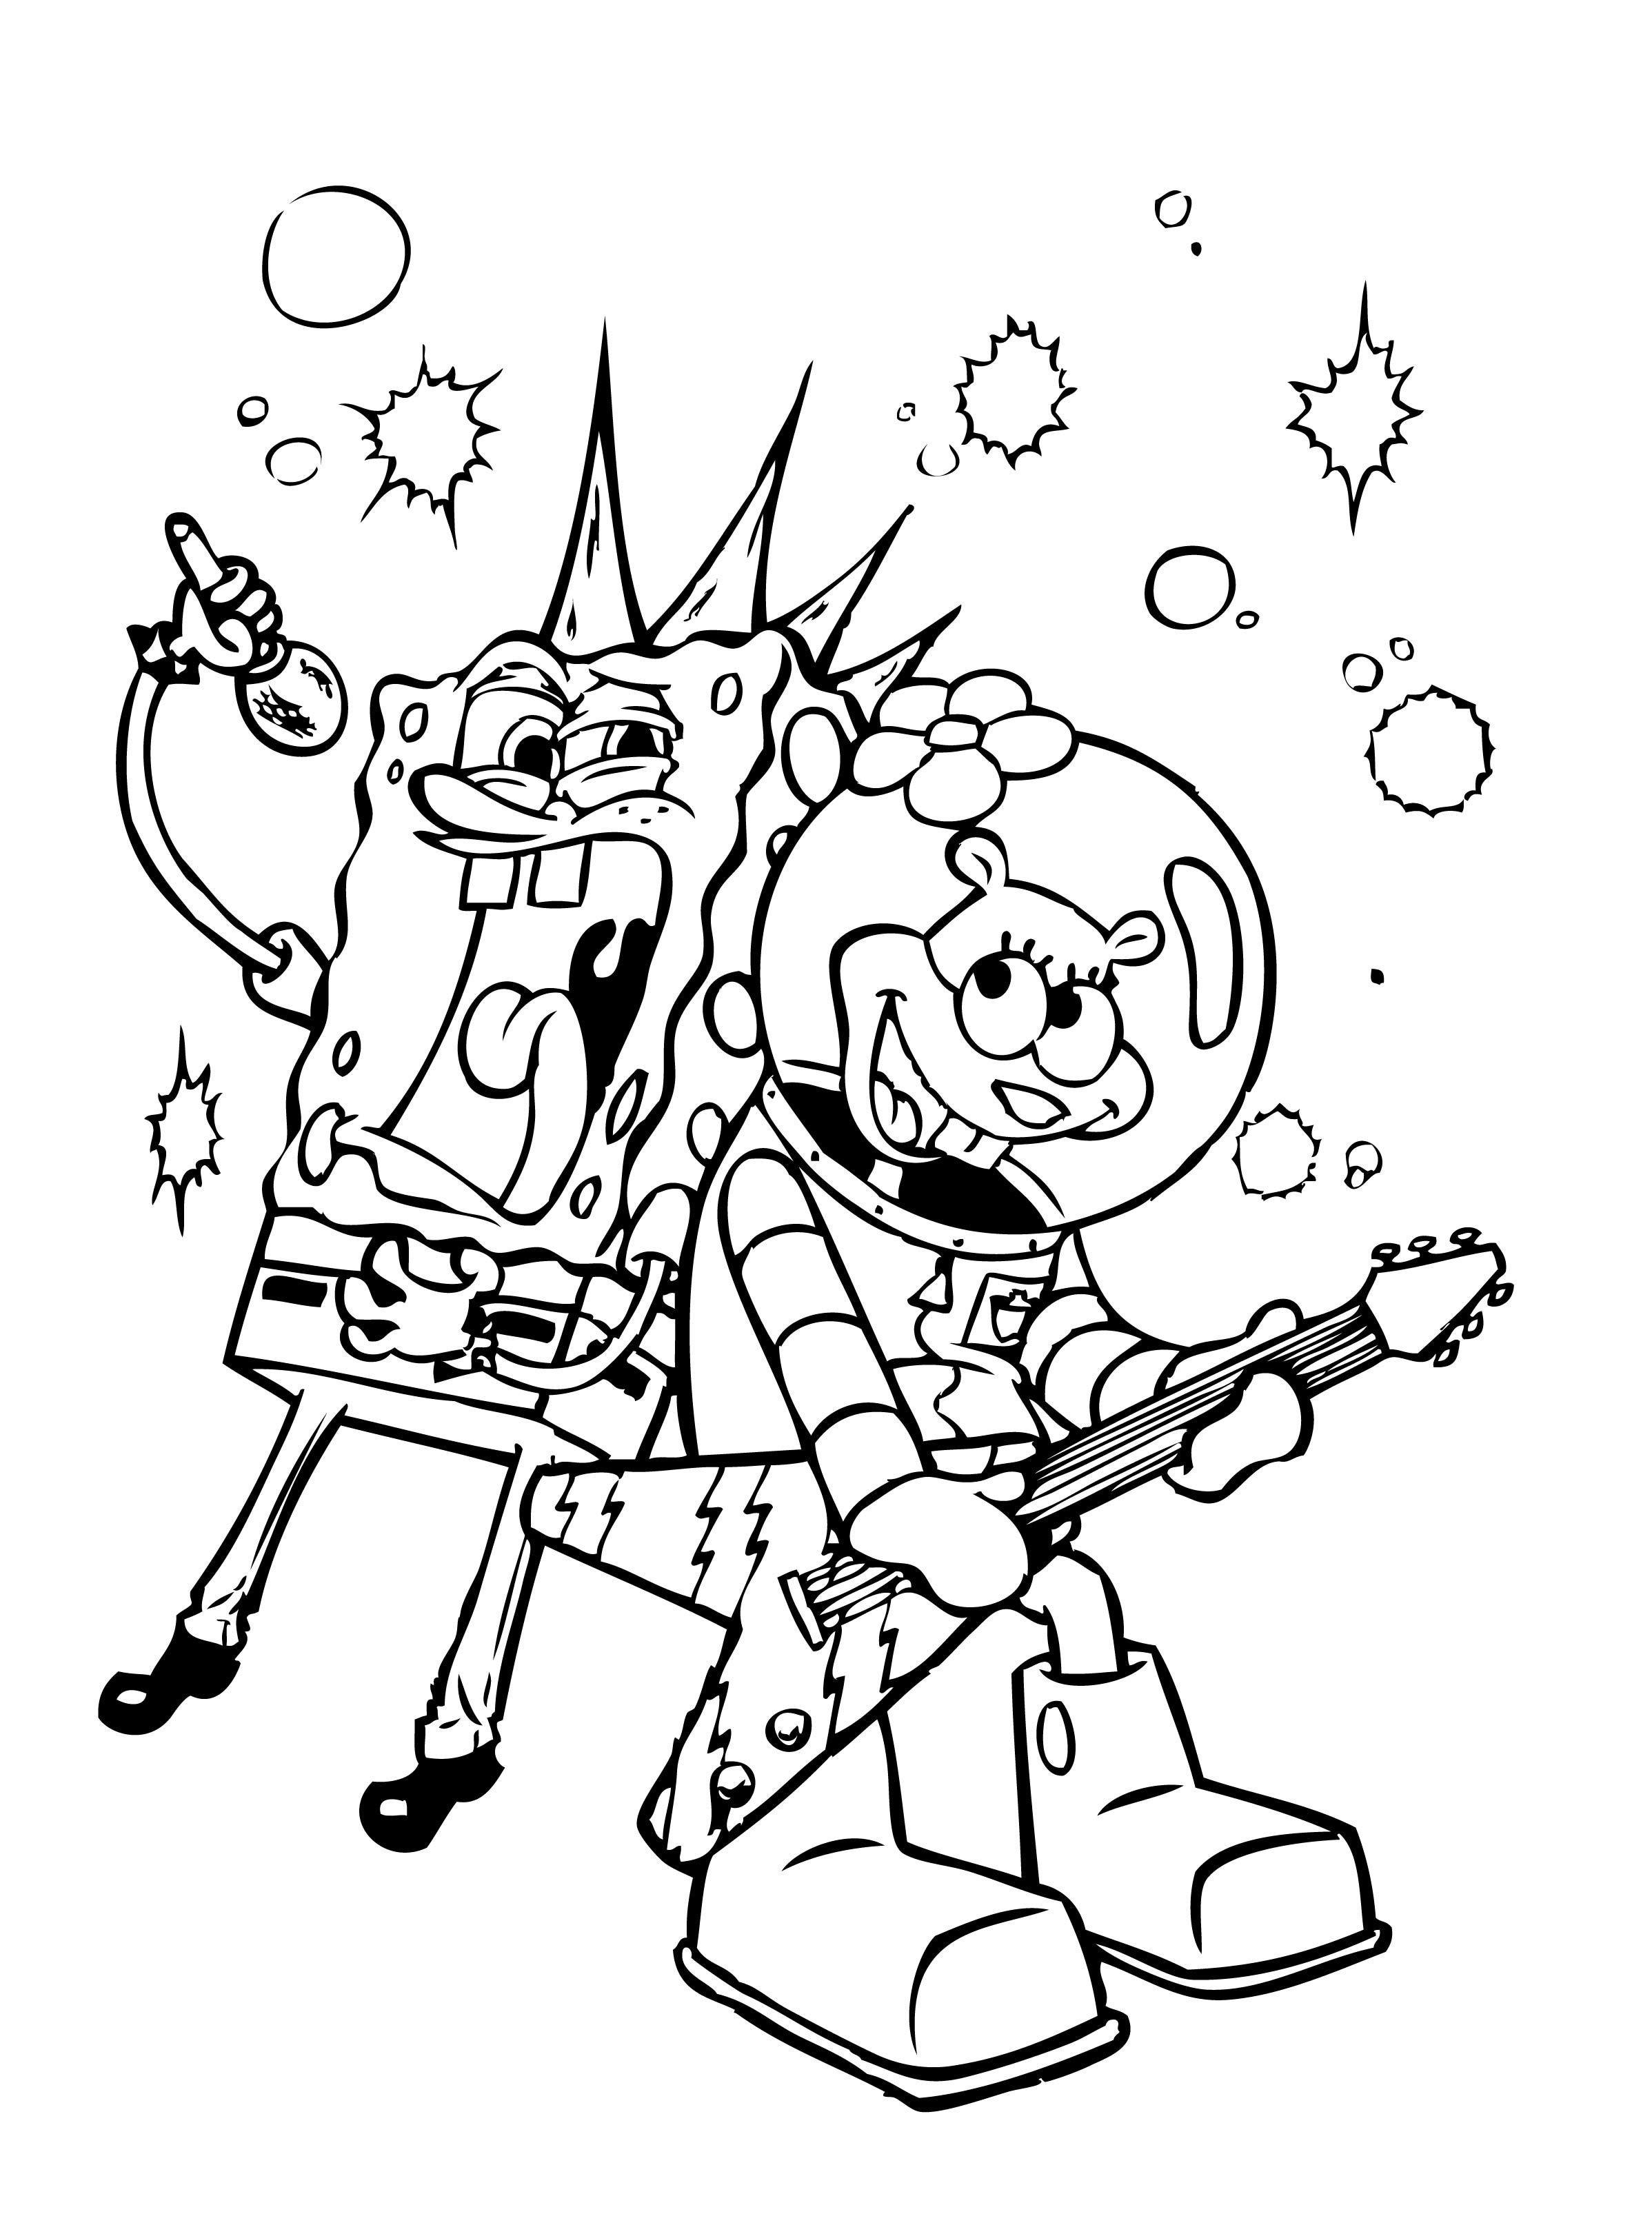 Spongebob Zum Ausmalen Neu Spongebob Squarepants Coloring Pages Luxury Cool Coloring Page Luxus Bild